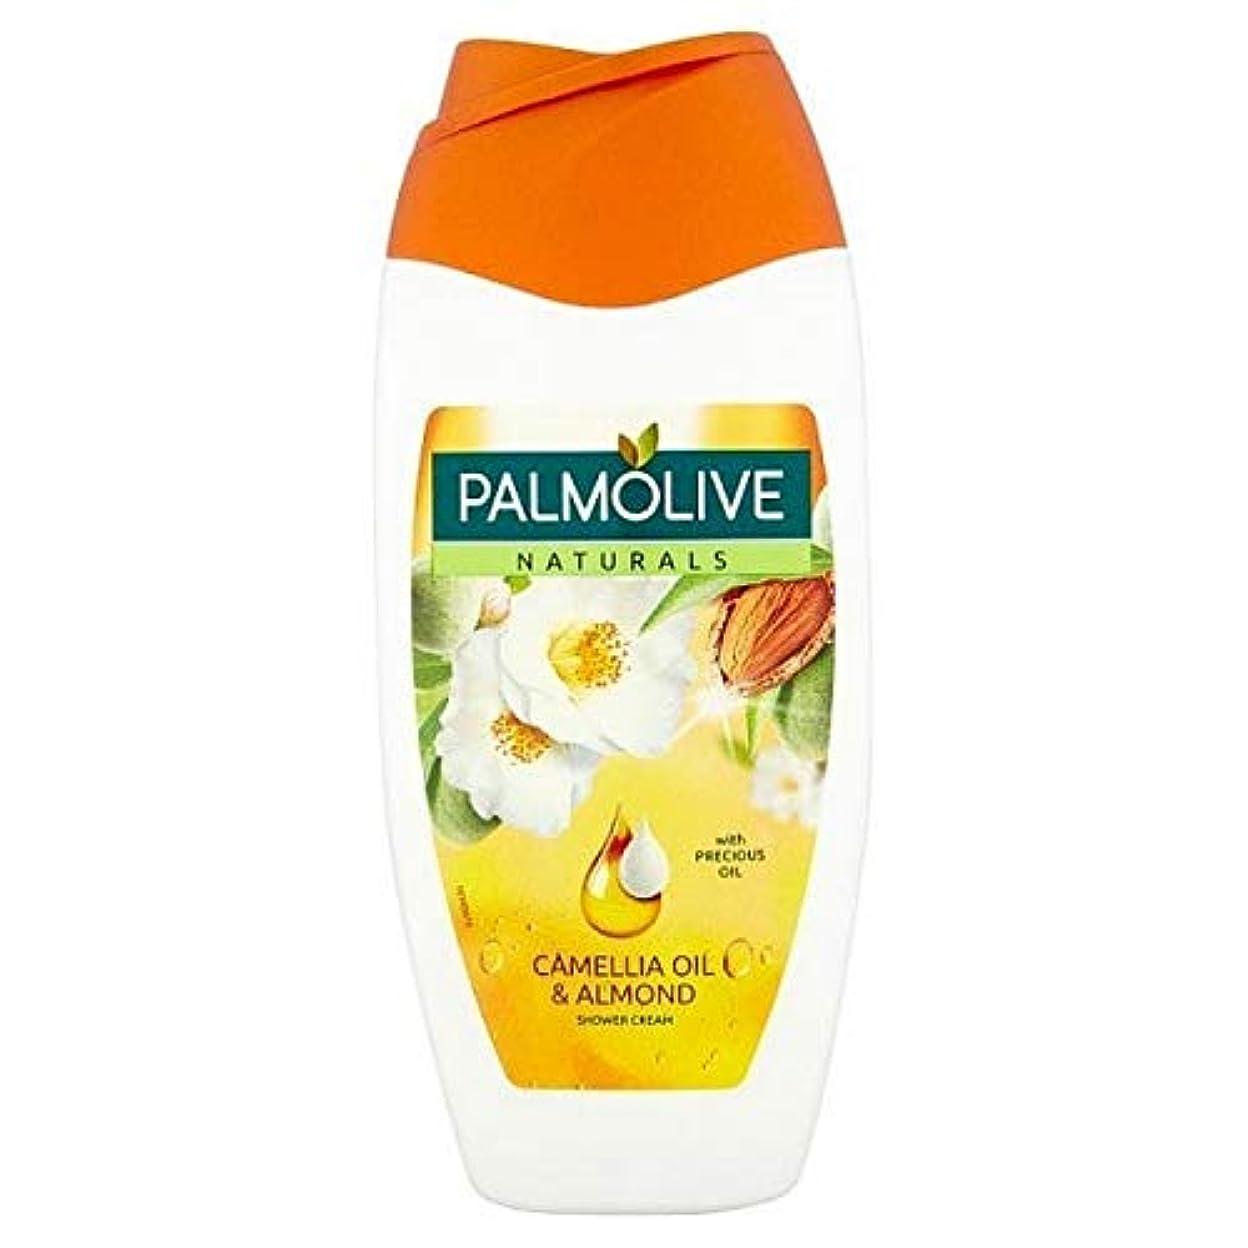 美容師ぬれたおそらく[Palmolive ] パルモナチュラル椿油&アーモンドシャワージェル250ミリリットル - Palmolive Naturals Camellia Oil & Almond Shower Gel 250ml [並行輸入品]